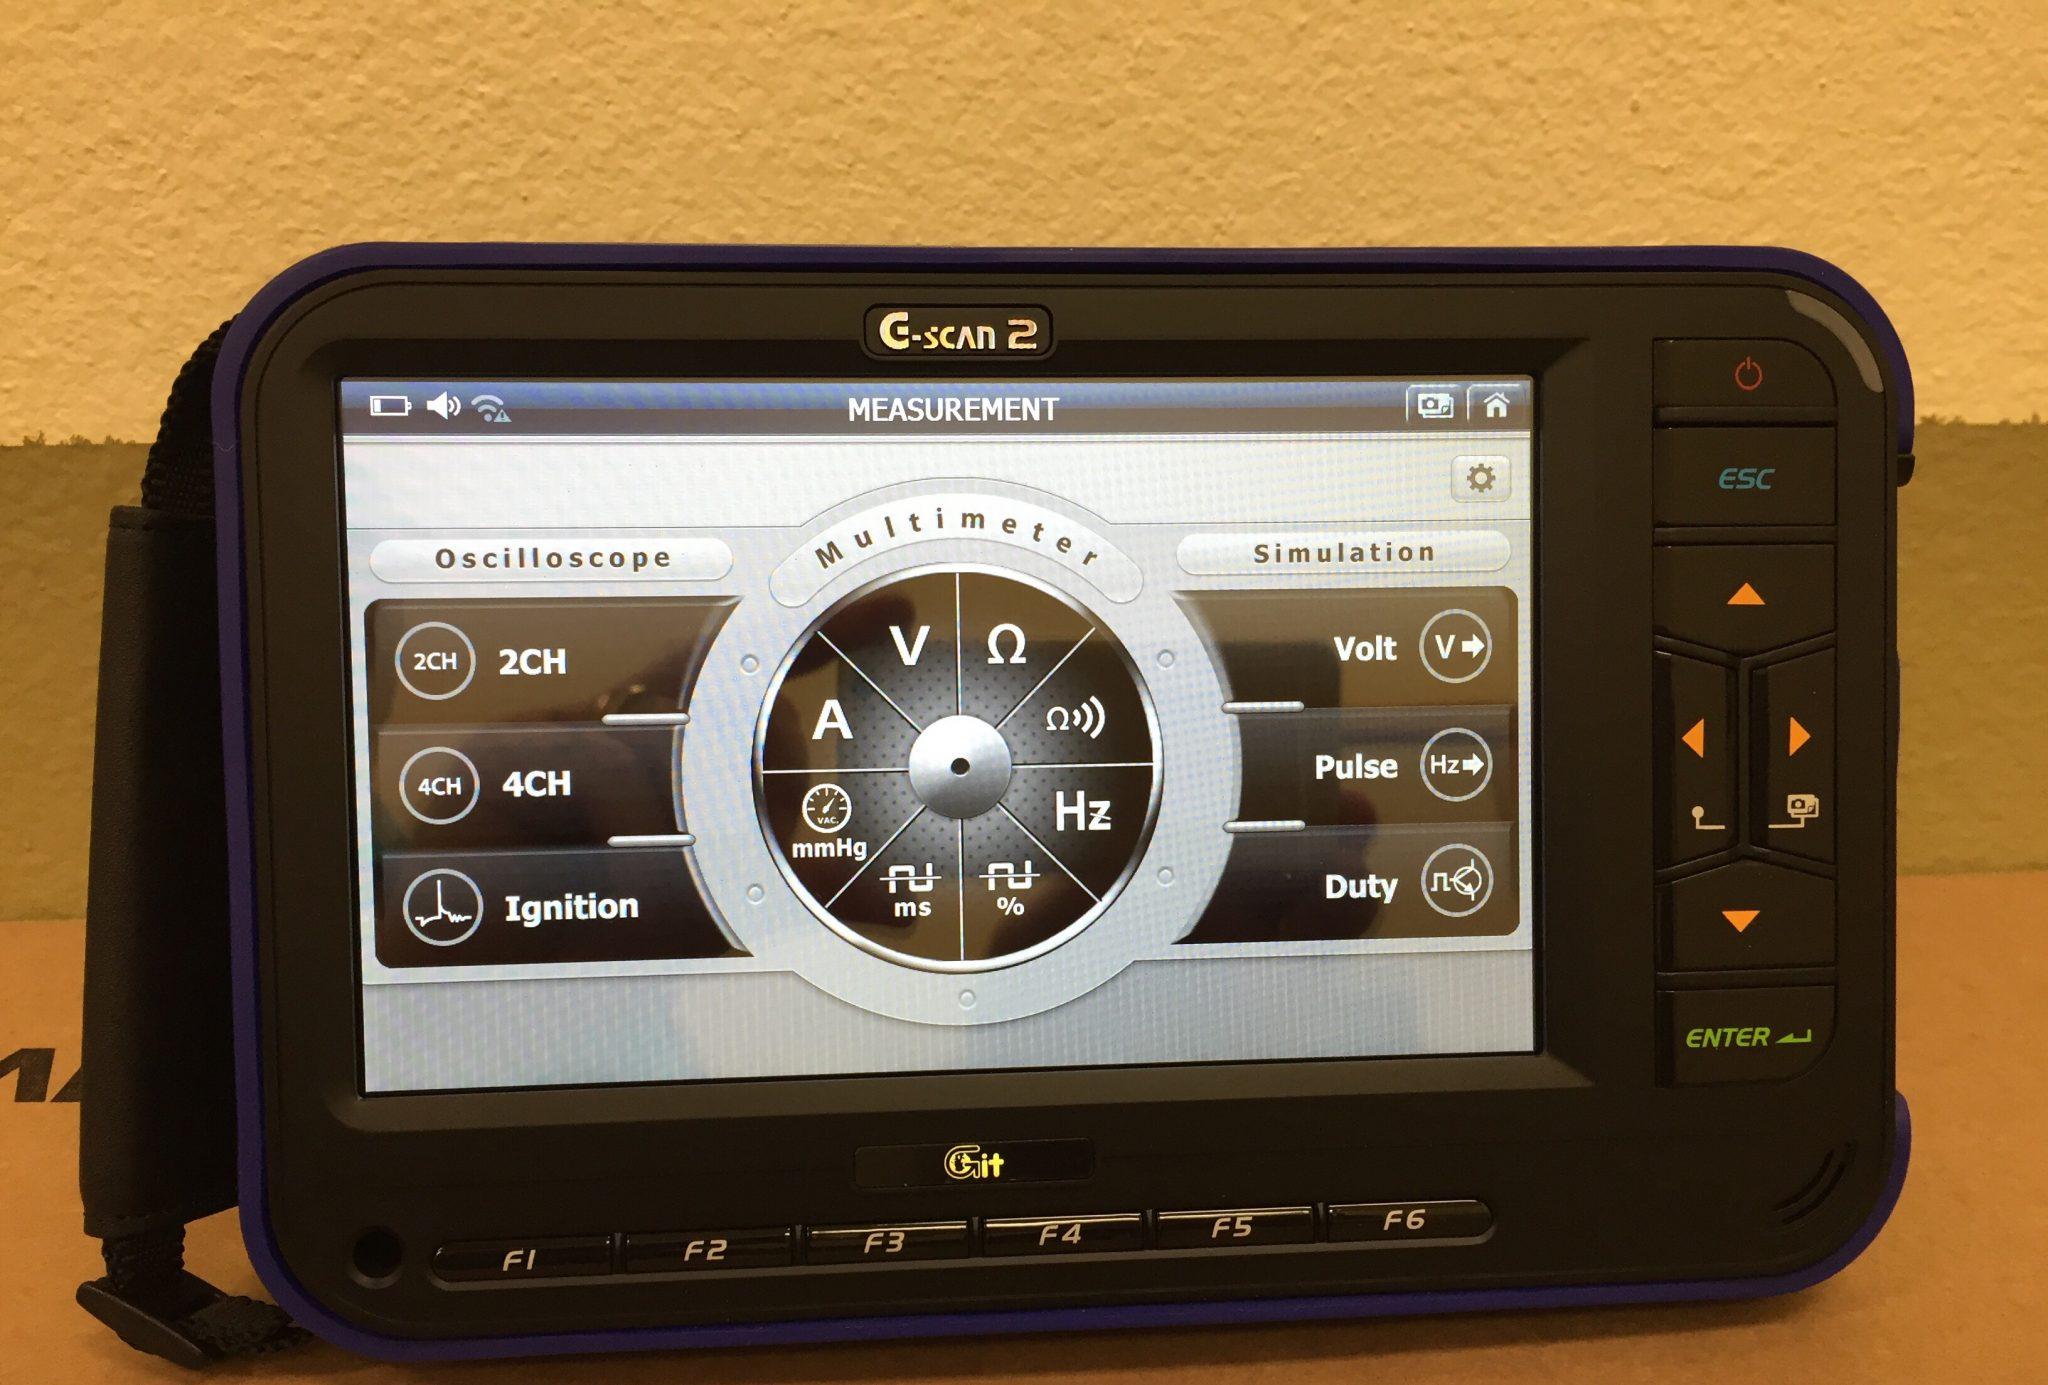 دیاگ G-SCAN دستگاه دیاگ نکات مهم در انتخاب دستگاه دیاگ img 3425